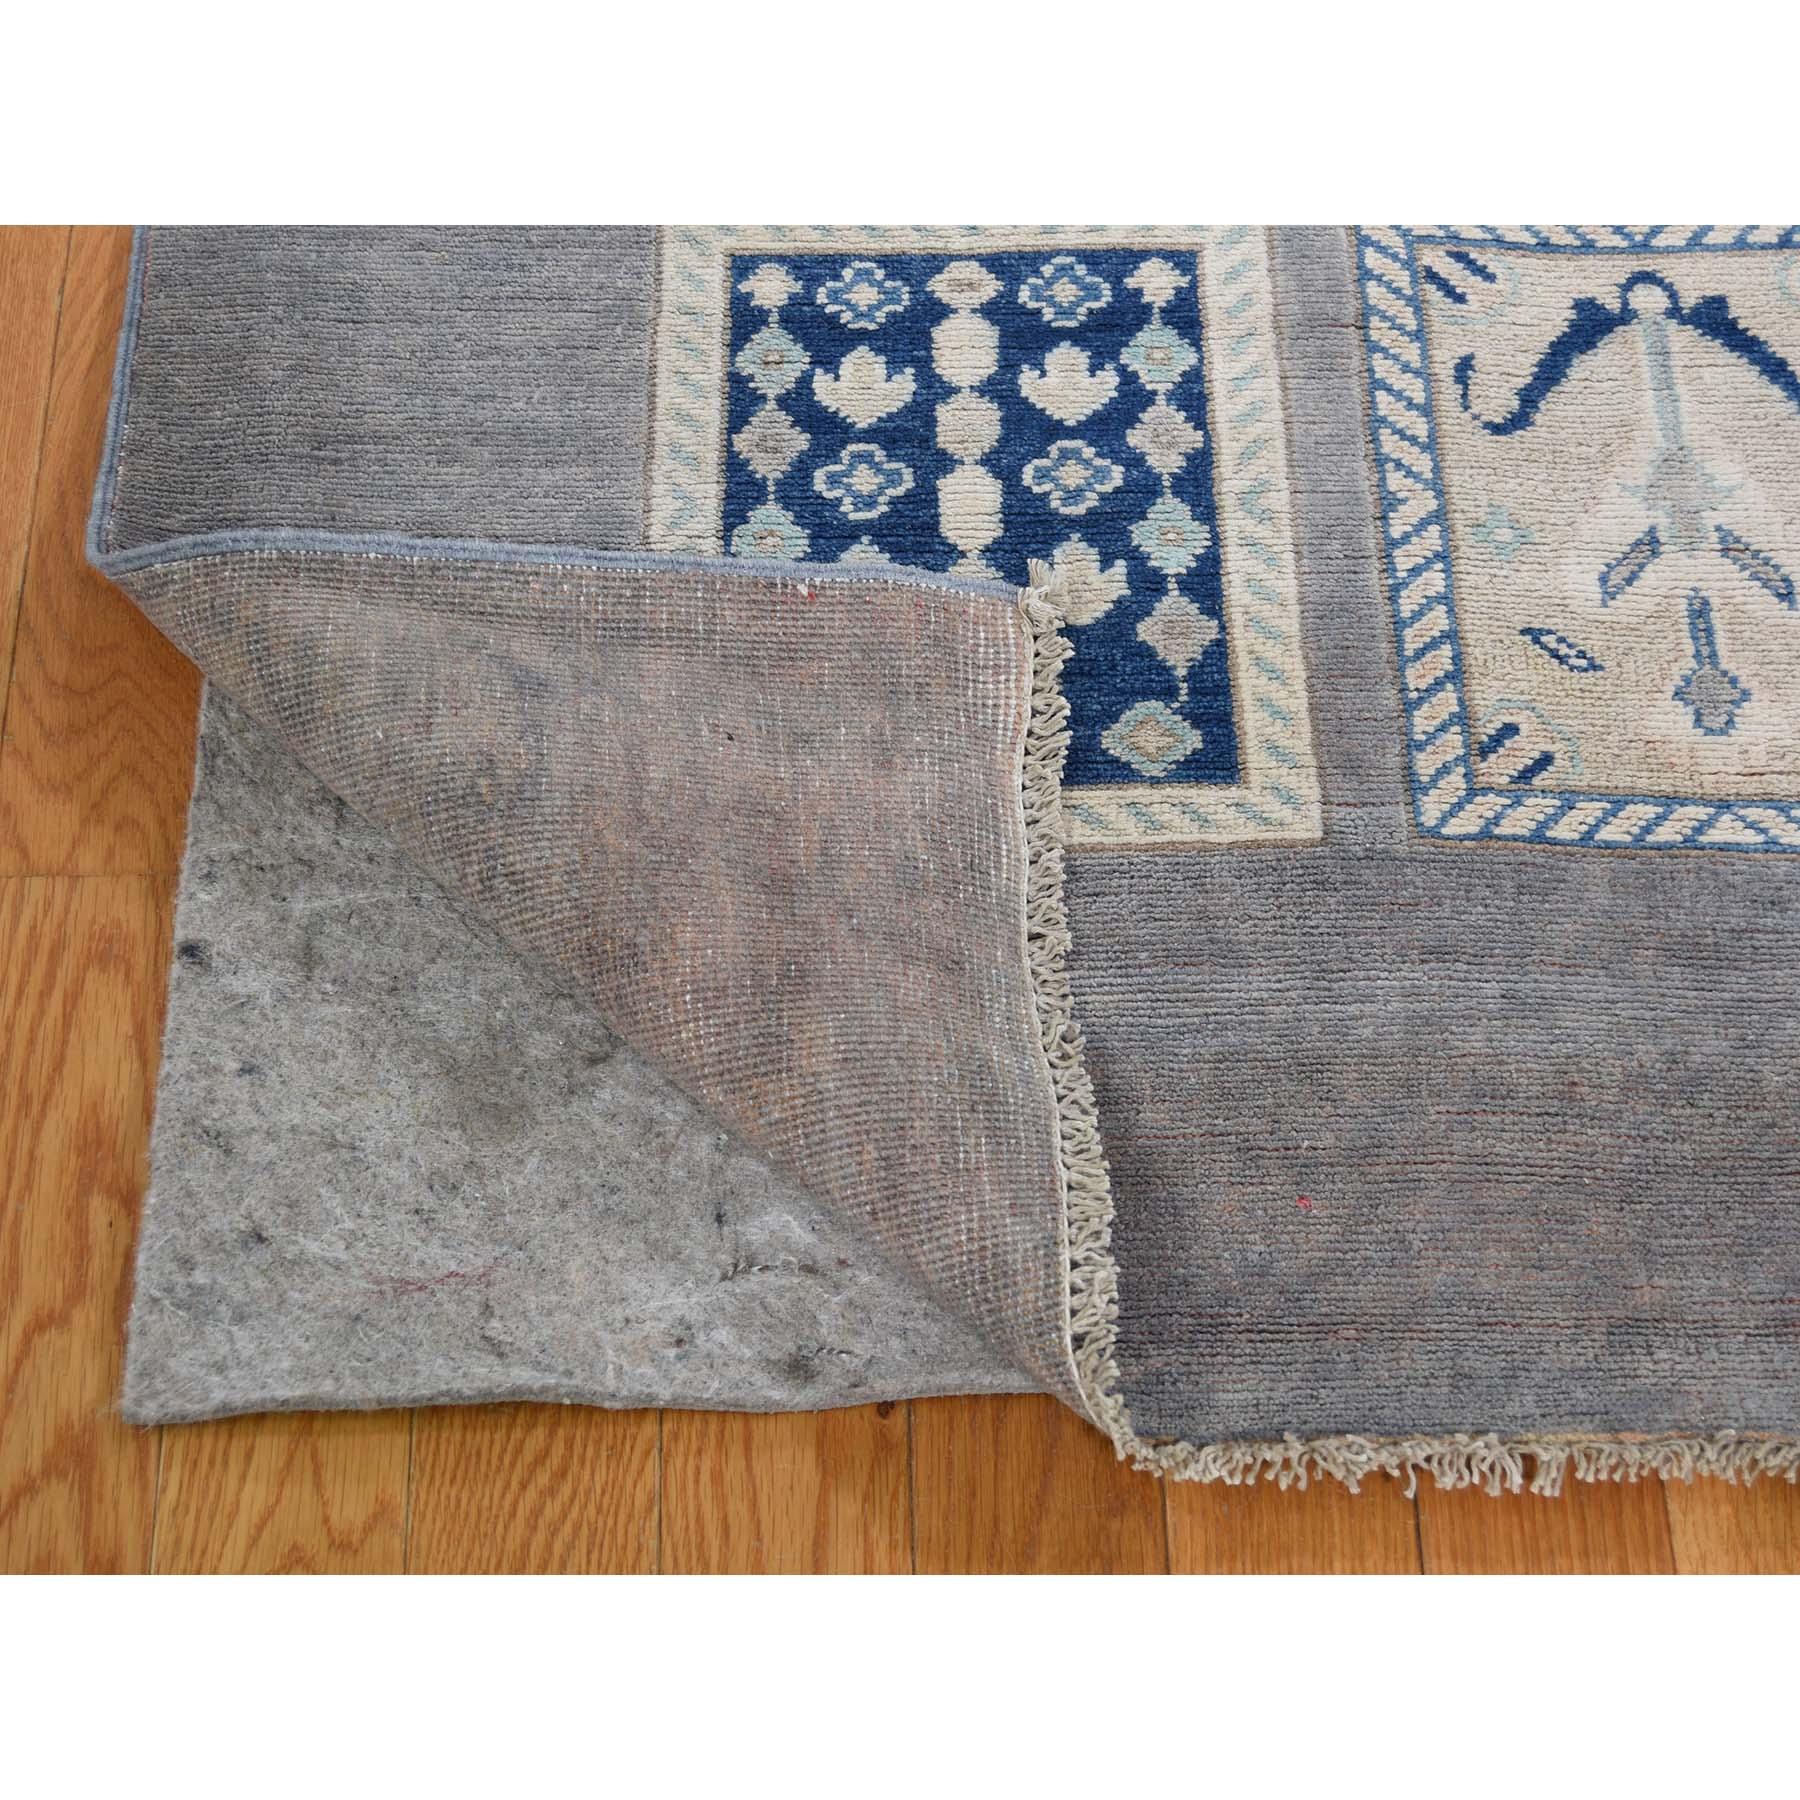 8-5 x11-3  Vintage Look Kazak Garden Design Hand-Knotted Pure Wool Oriental Rug